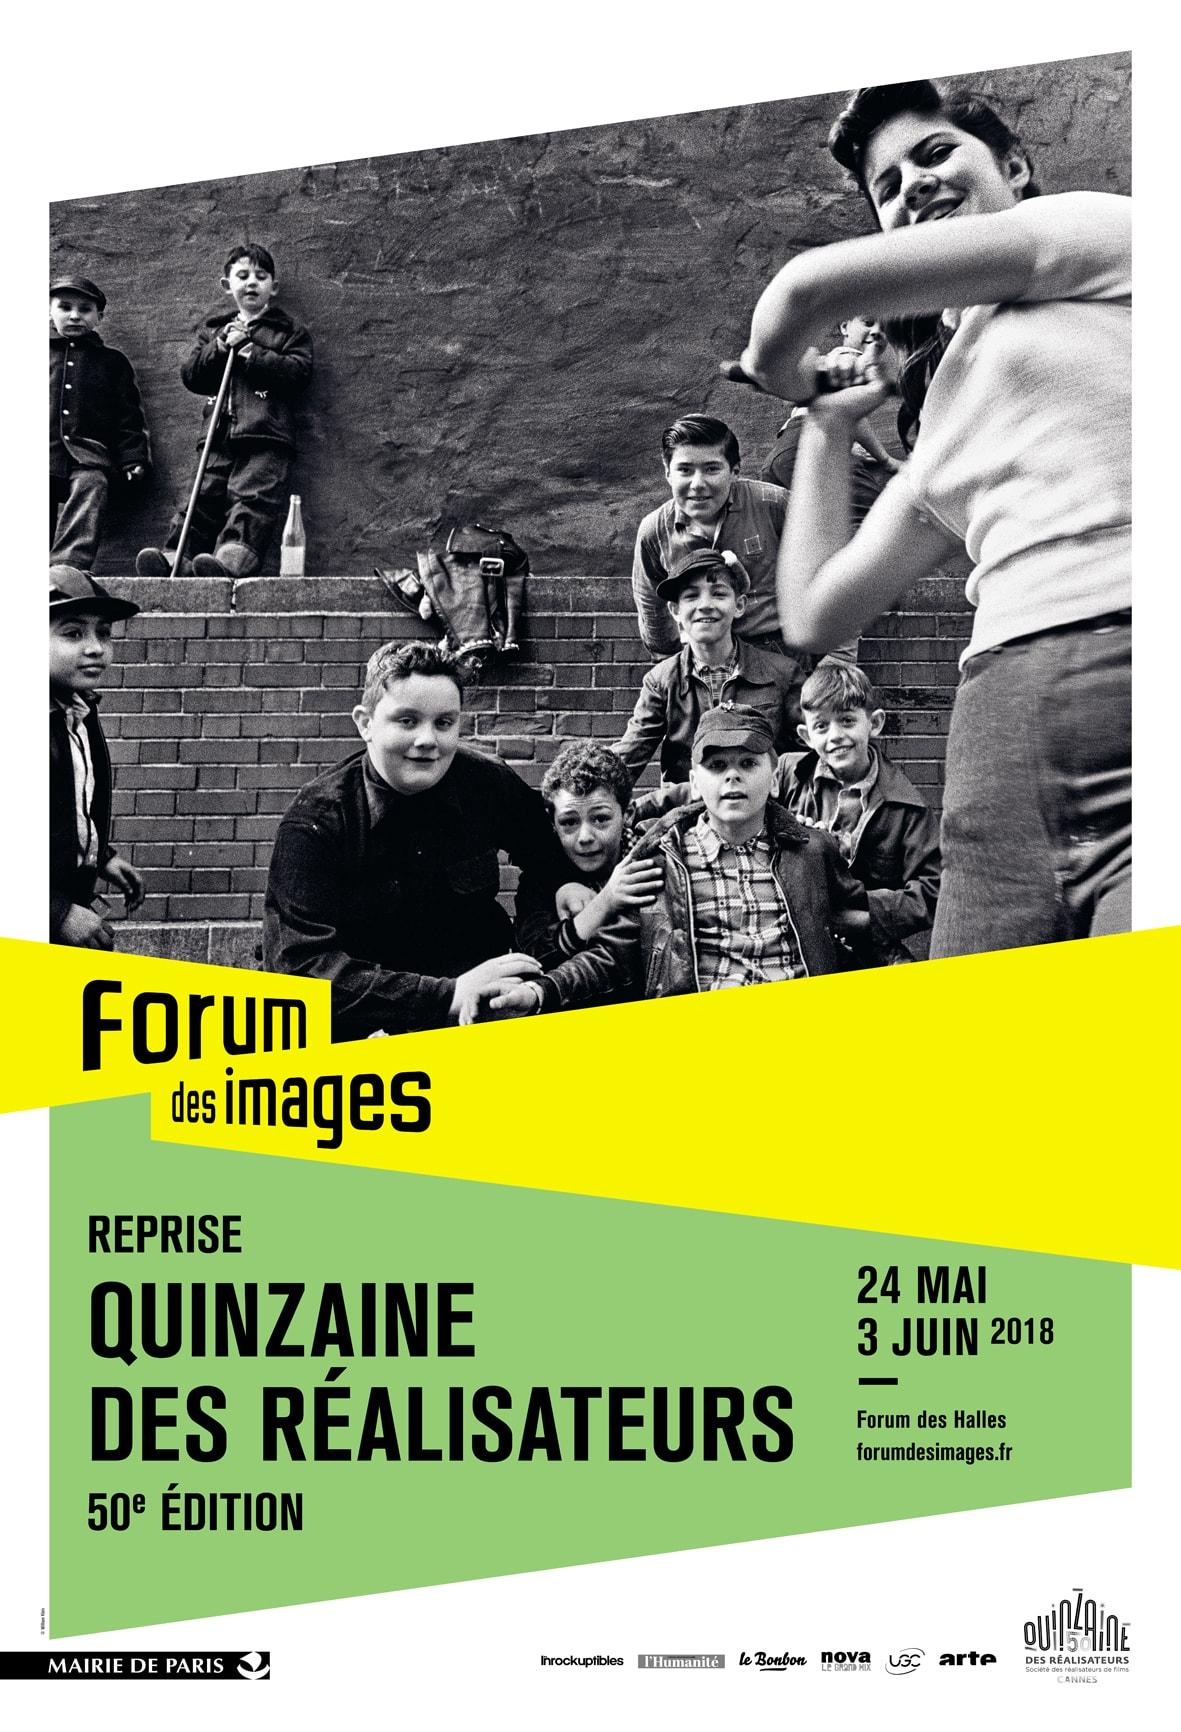 Reprise de la Quinzaine des Réalisateurs 2018 au Forum des Images du 24 mai au 3 juin 2018